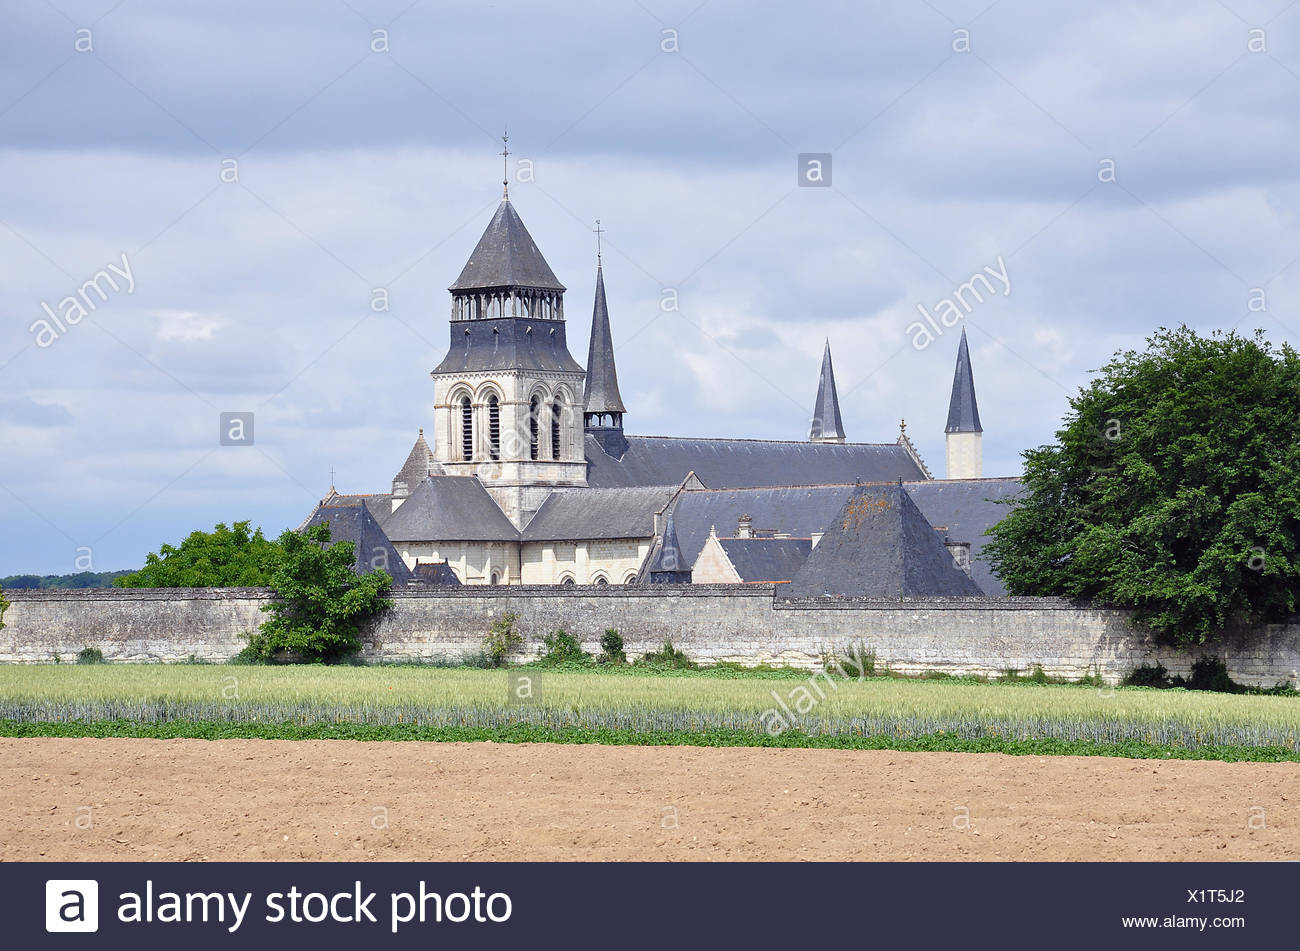 dark ages monasteries